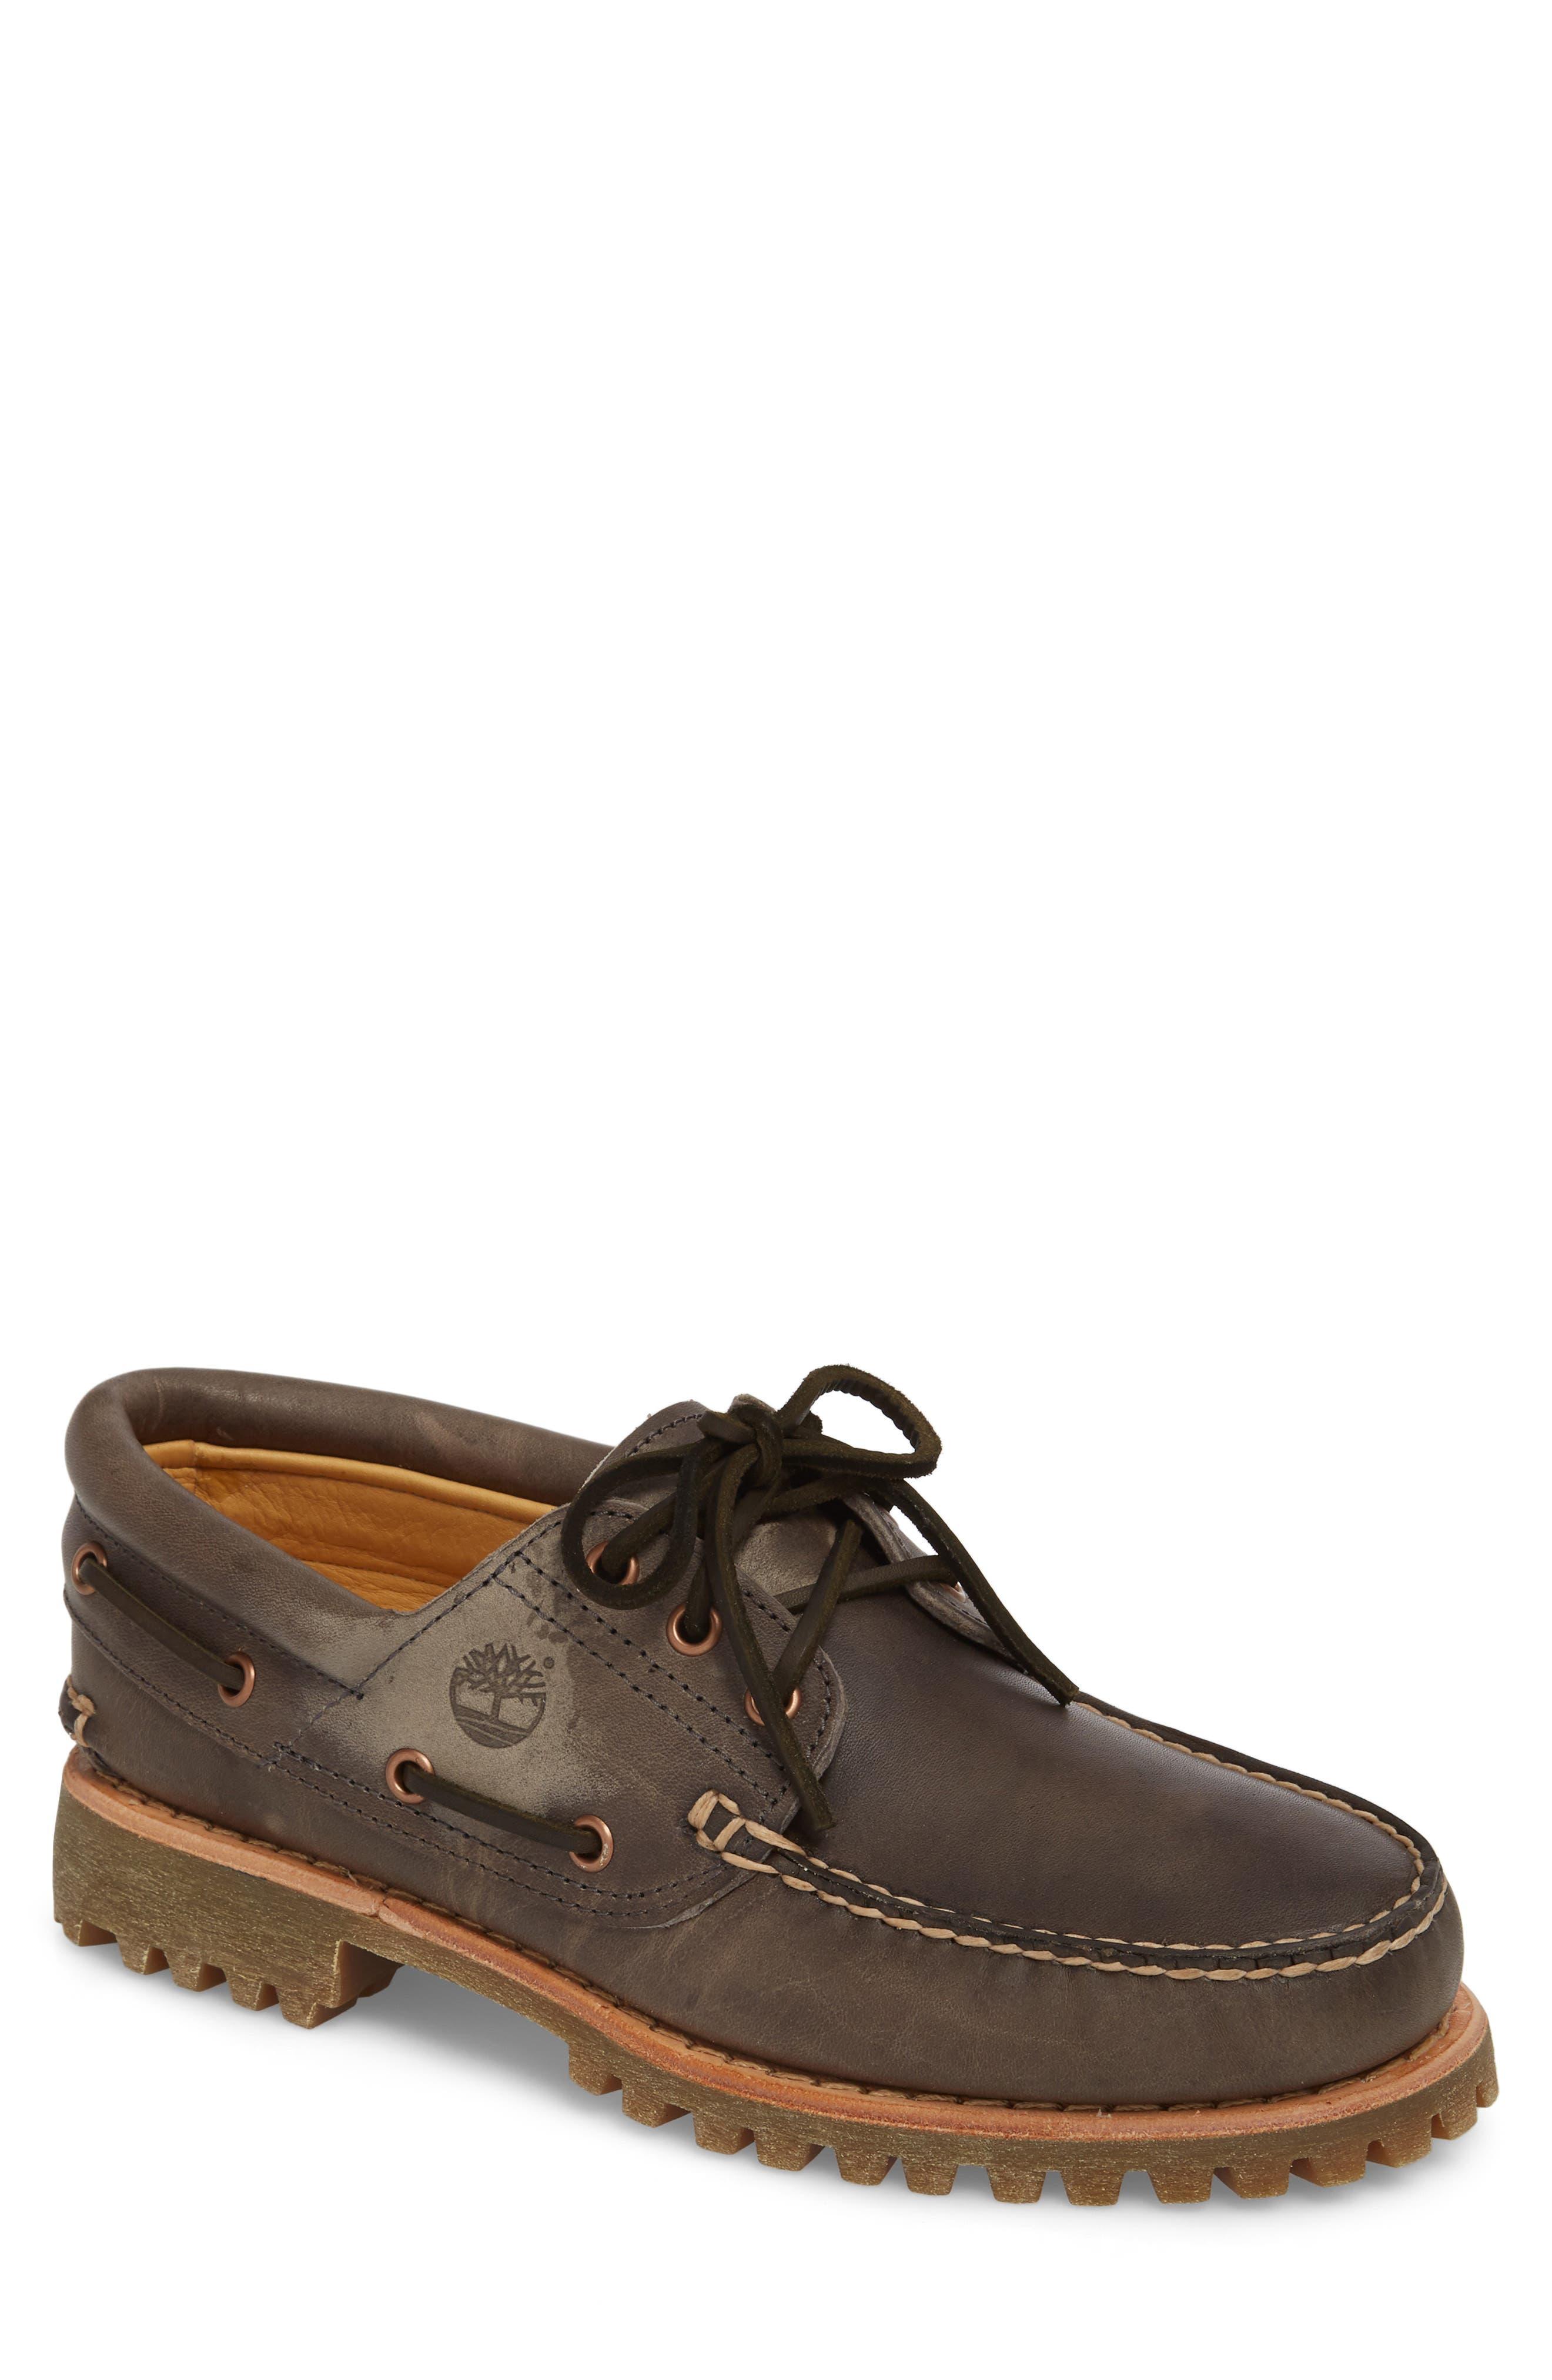 Lug Classic Boat Shoe,                         Main,                         color, 200